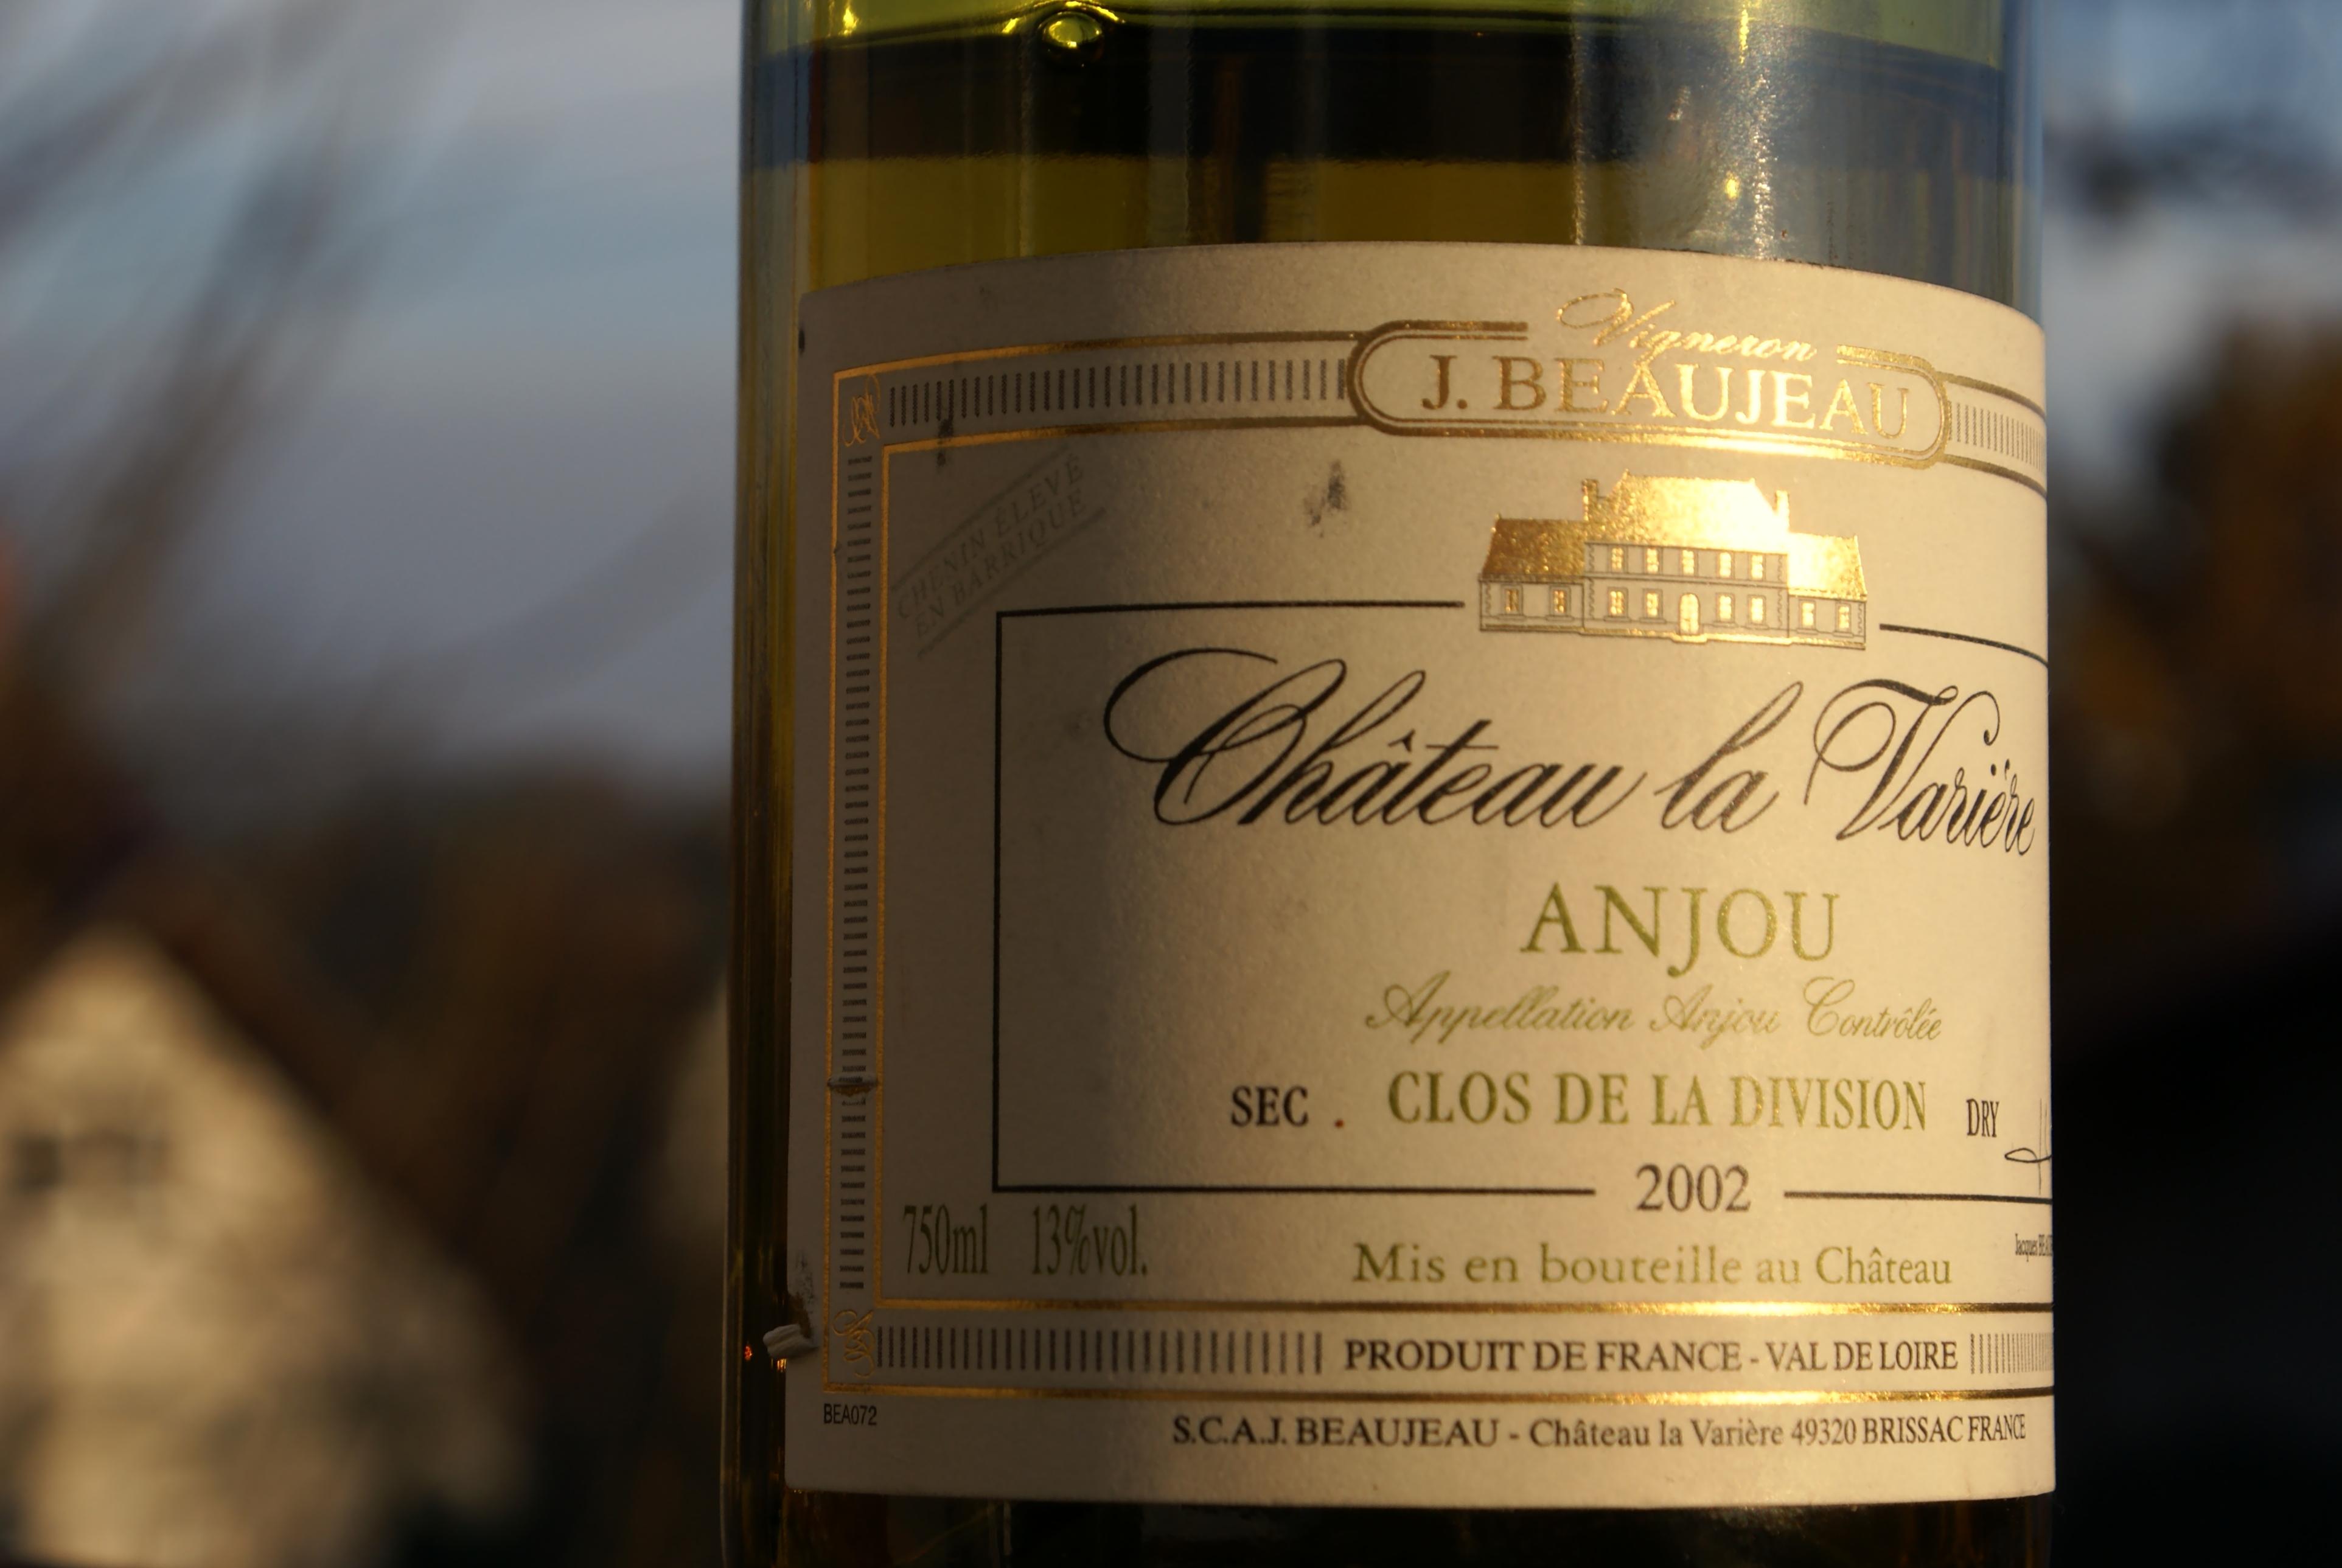 Ch La Variere Anjou Clos de la Division 2002 (1)